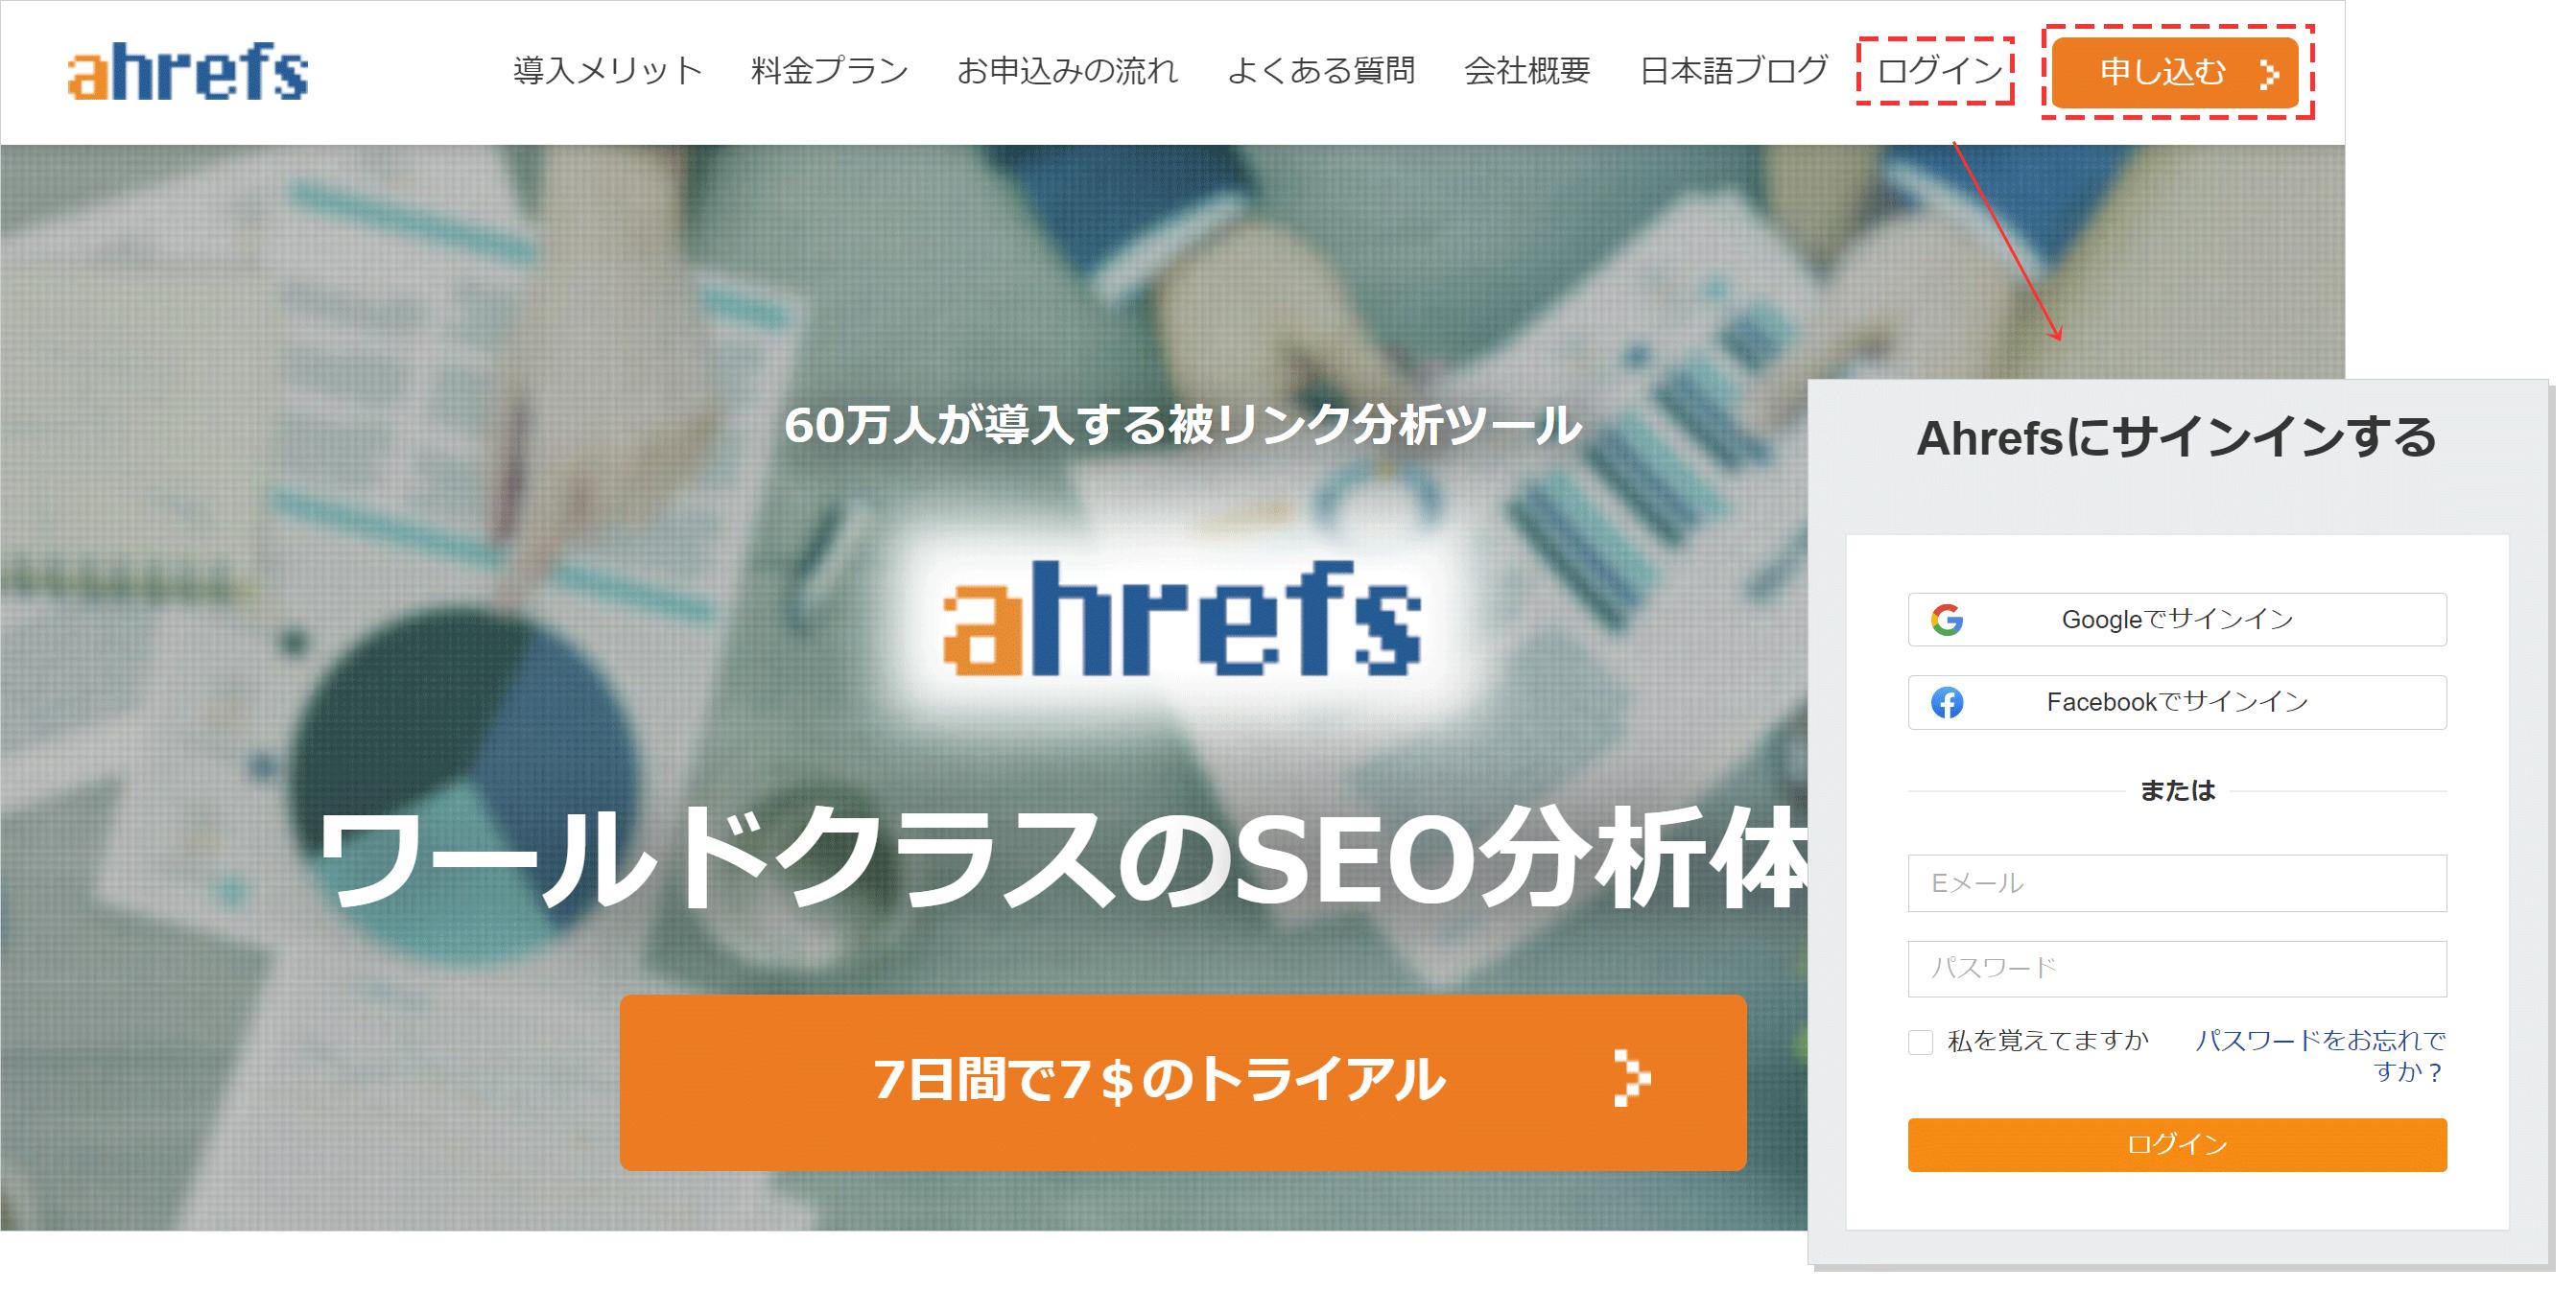 ahrefsで他社サイトのアクセス数を調べる方法①